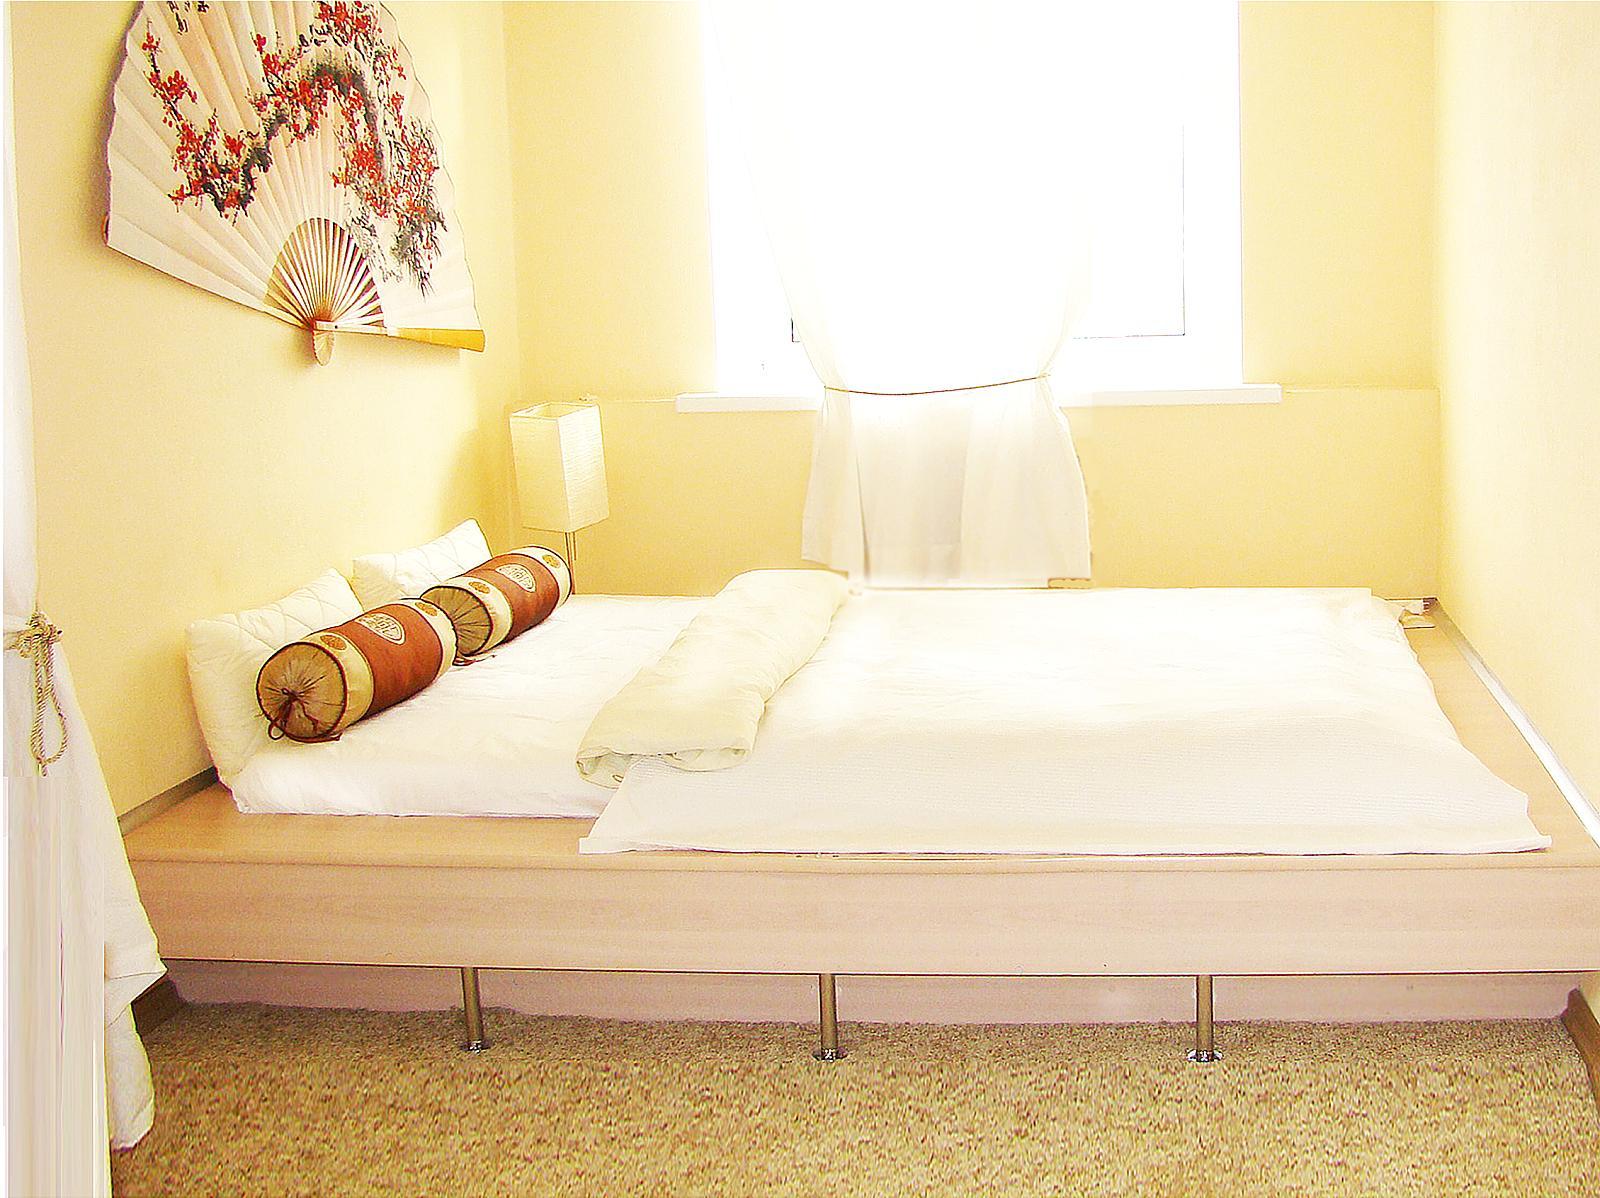 как поставить двуспальную кровать в зале фото помню